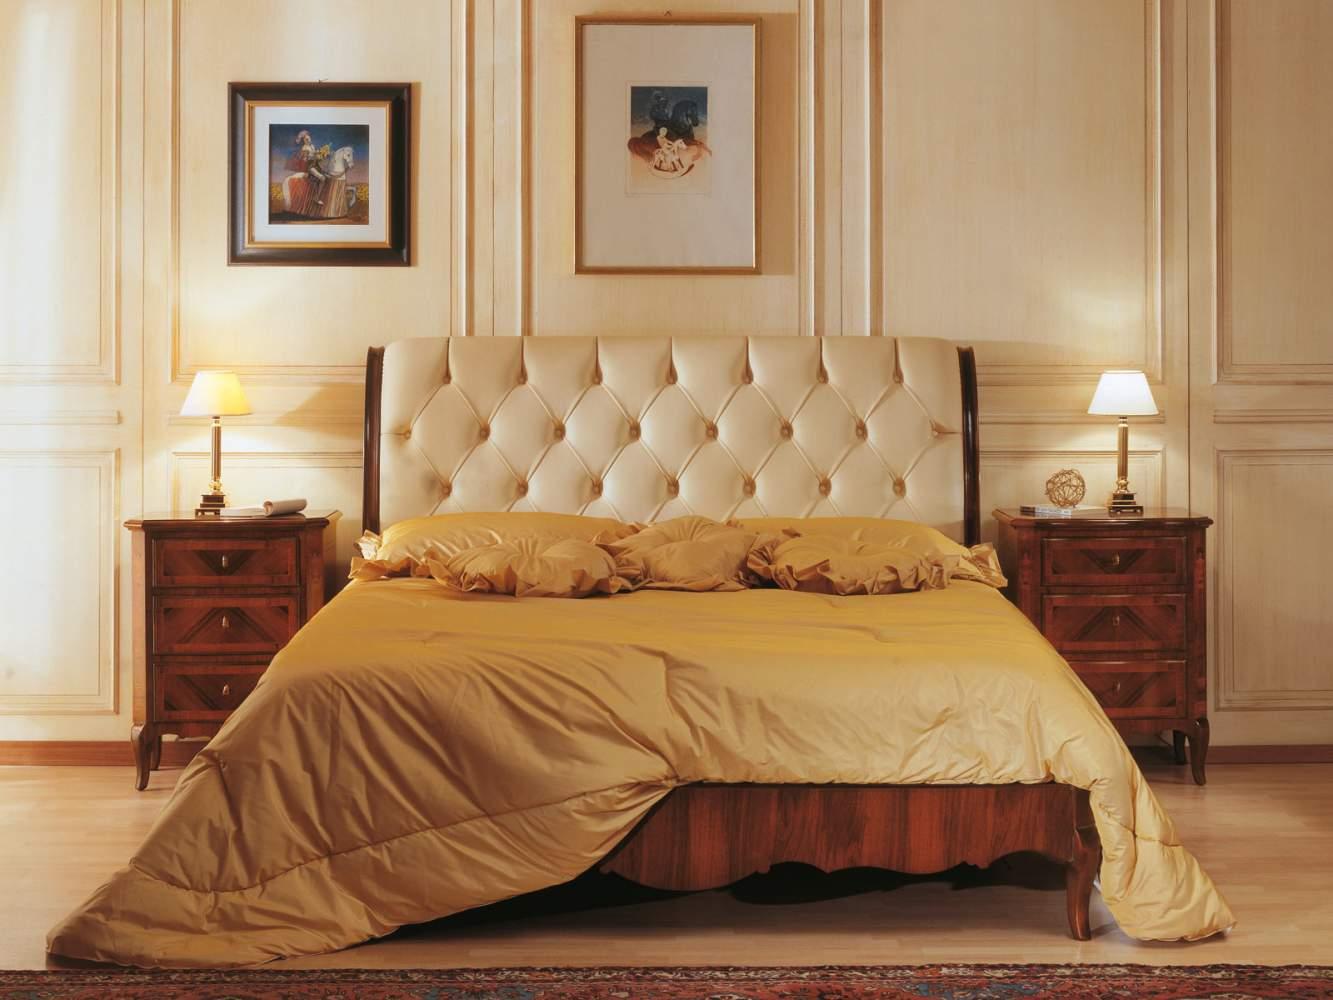 Camera da letto classica di lusso 800 francese, letto in pelle capitonné